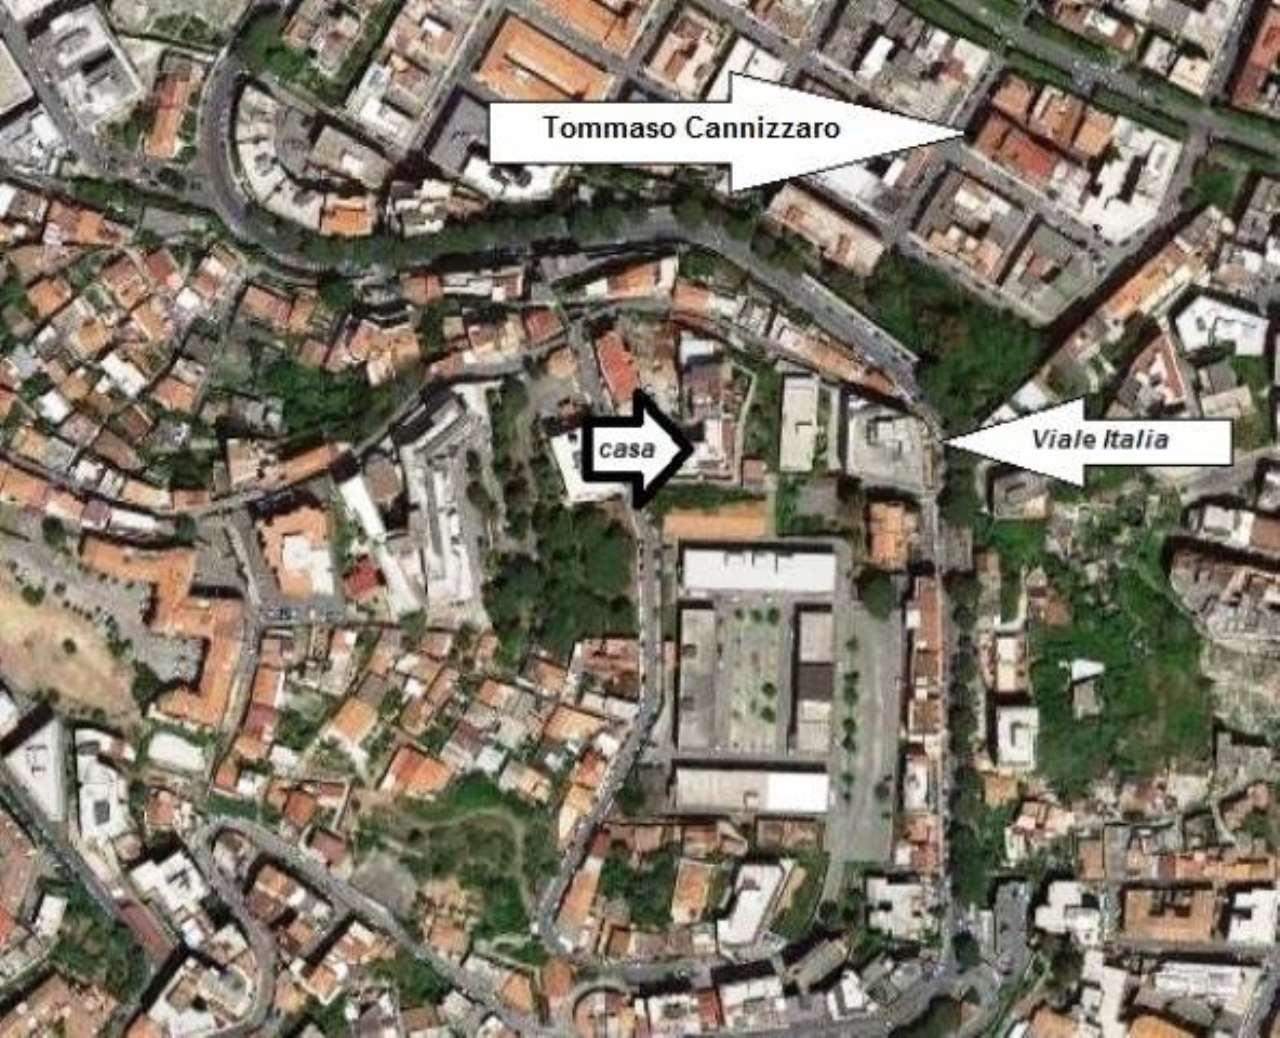 Appartamento in vendita a Messina, 9999 locali, prezzo € 38.000 | CambioCasa.it